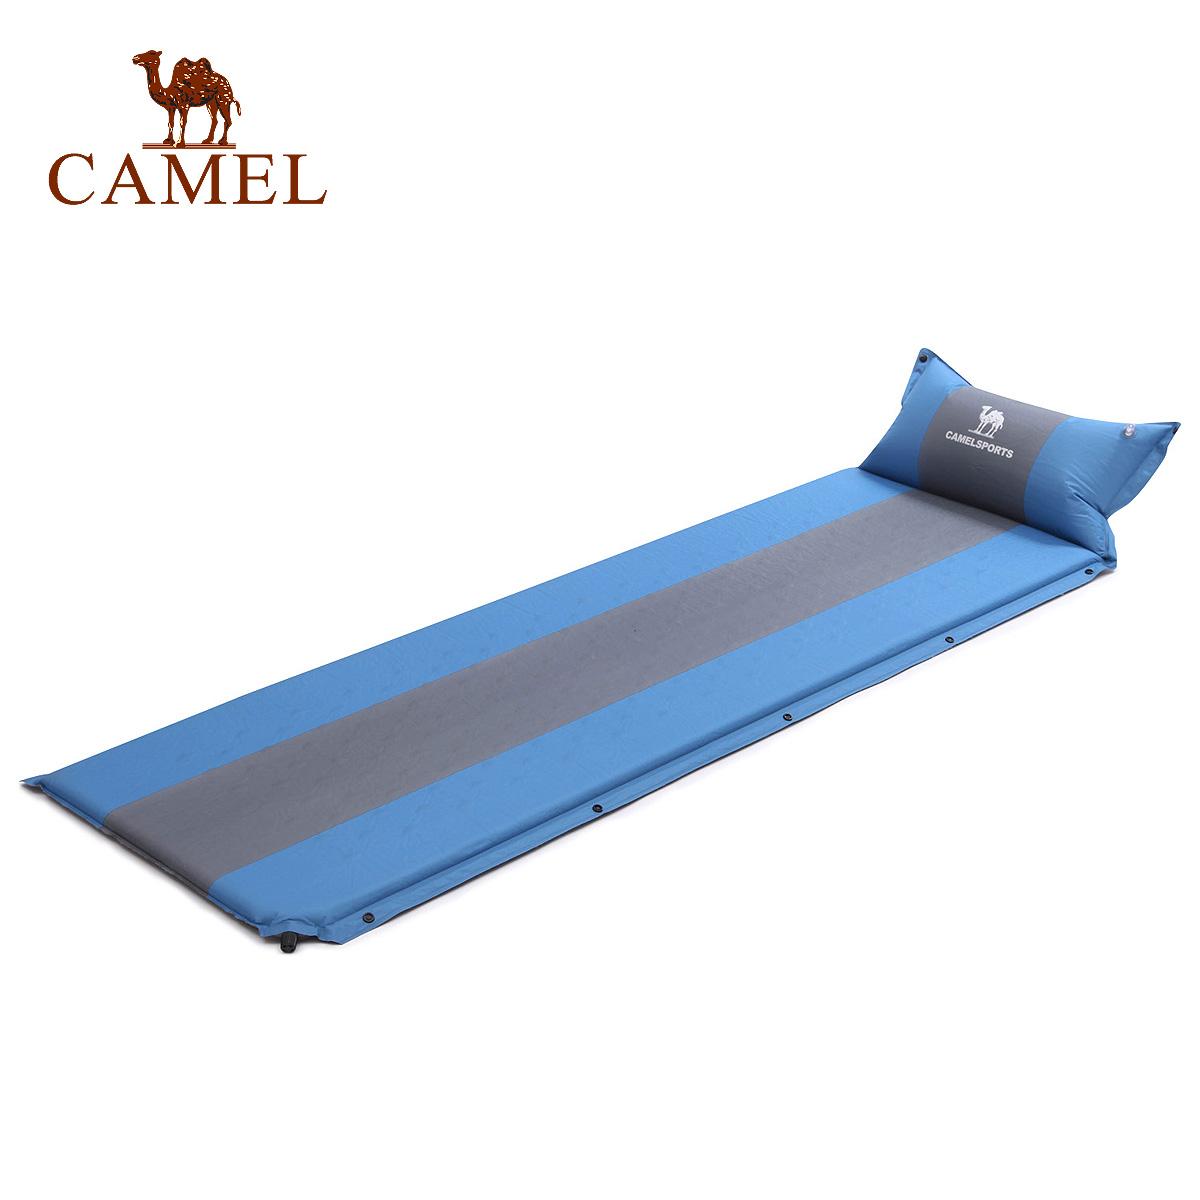 туристический коврик Camel 3 6006 3FC6006 Camel